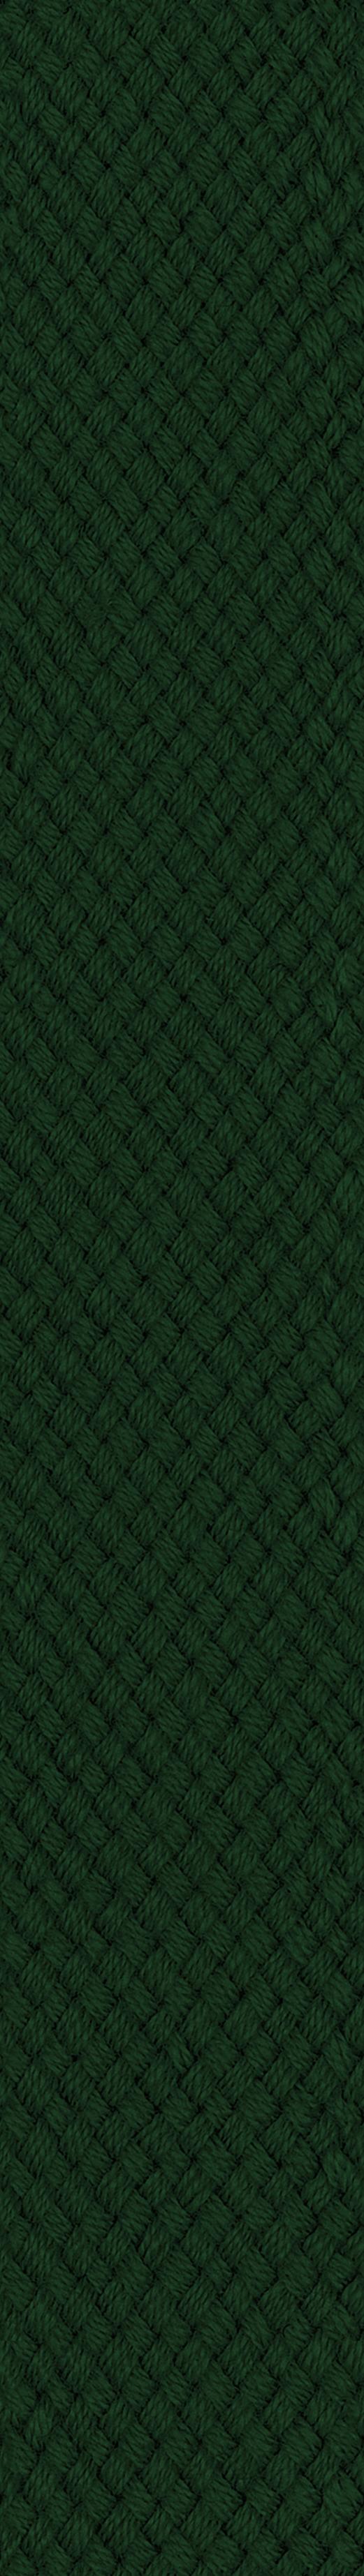 dunkelgrün